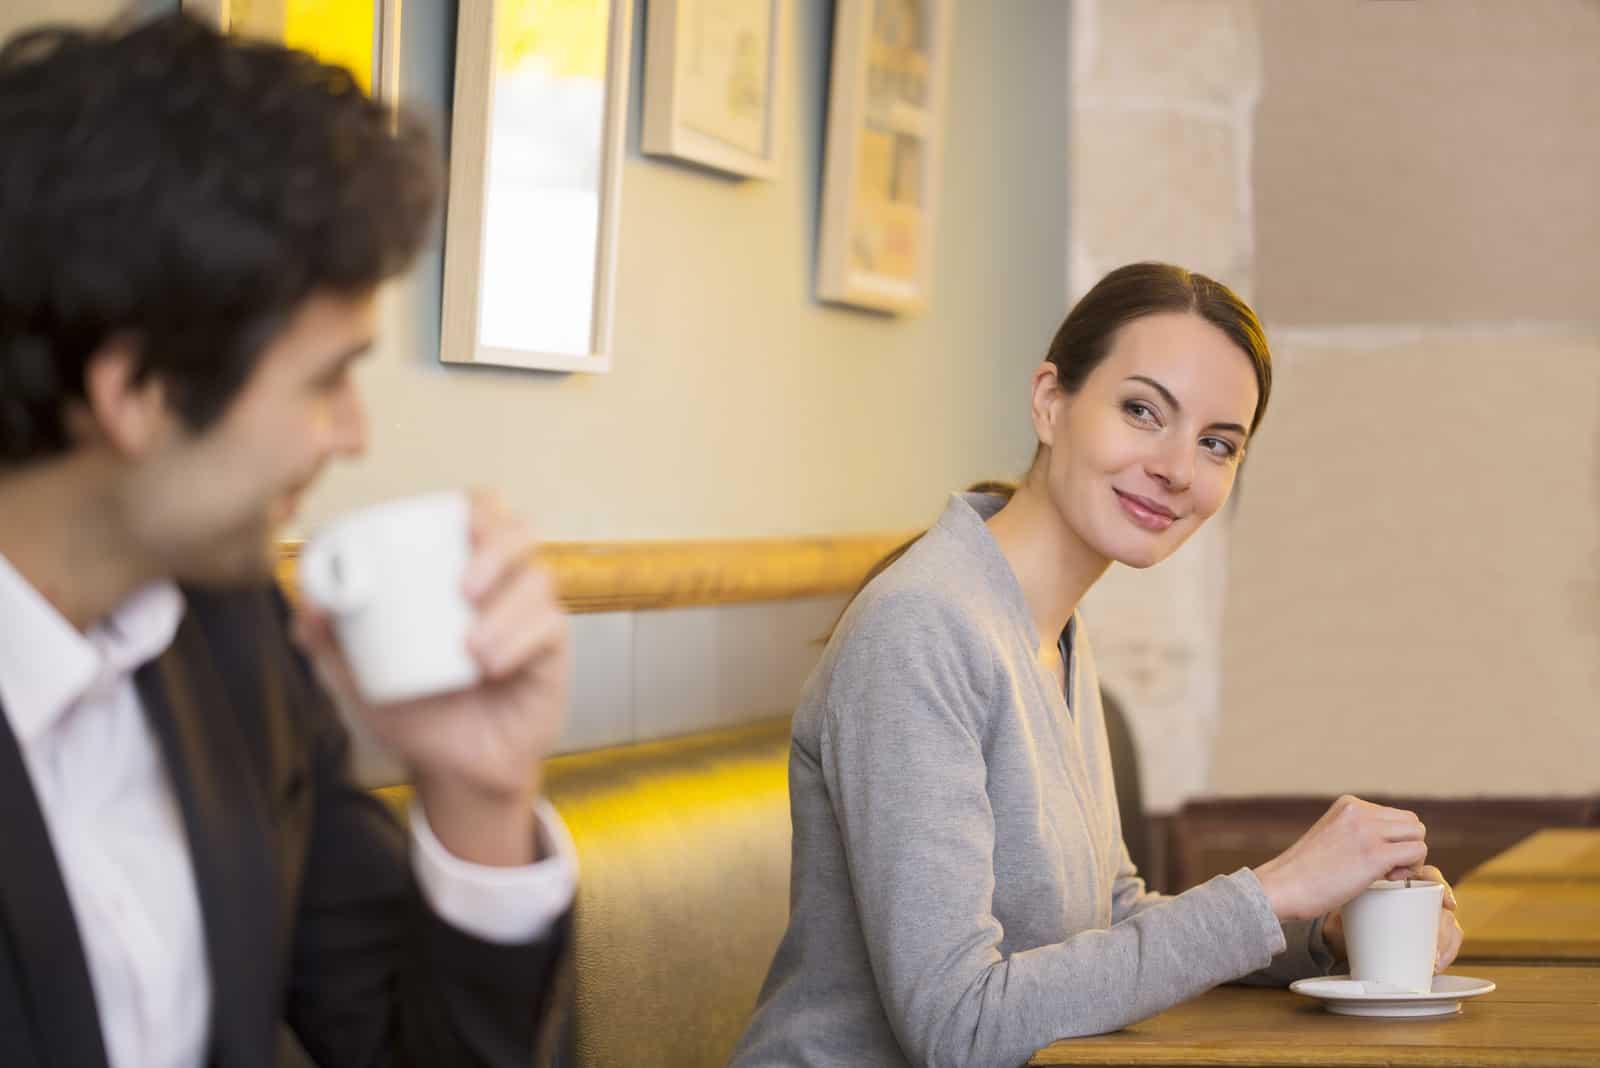 Süße Frau flirtet mit einem Mann in Bar